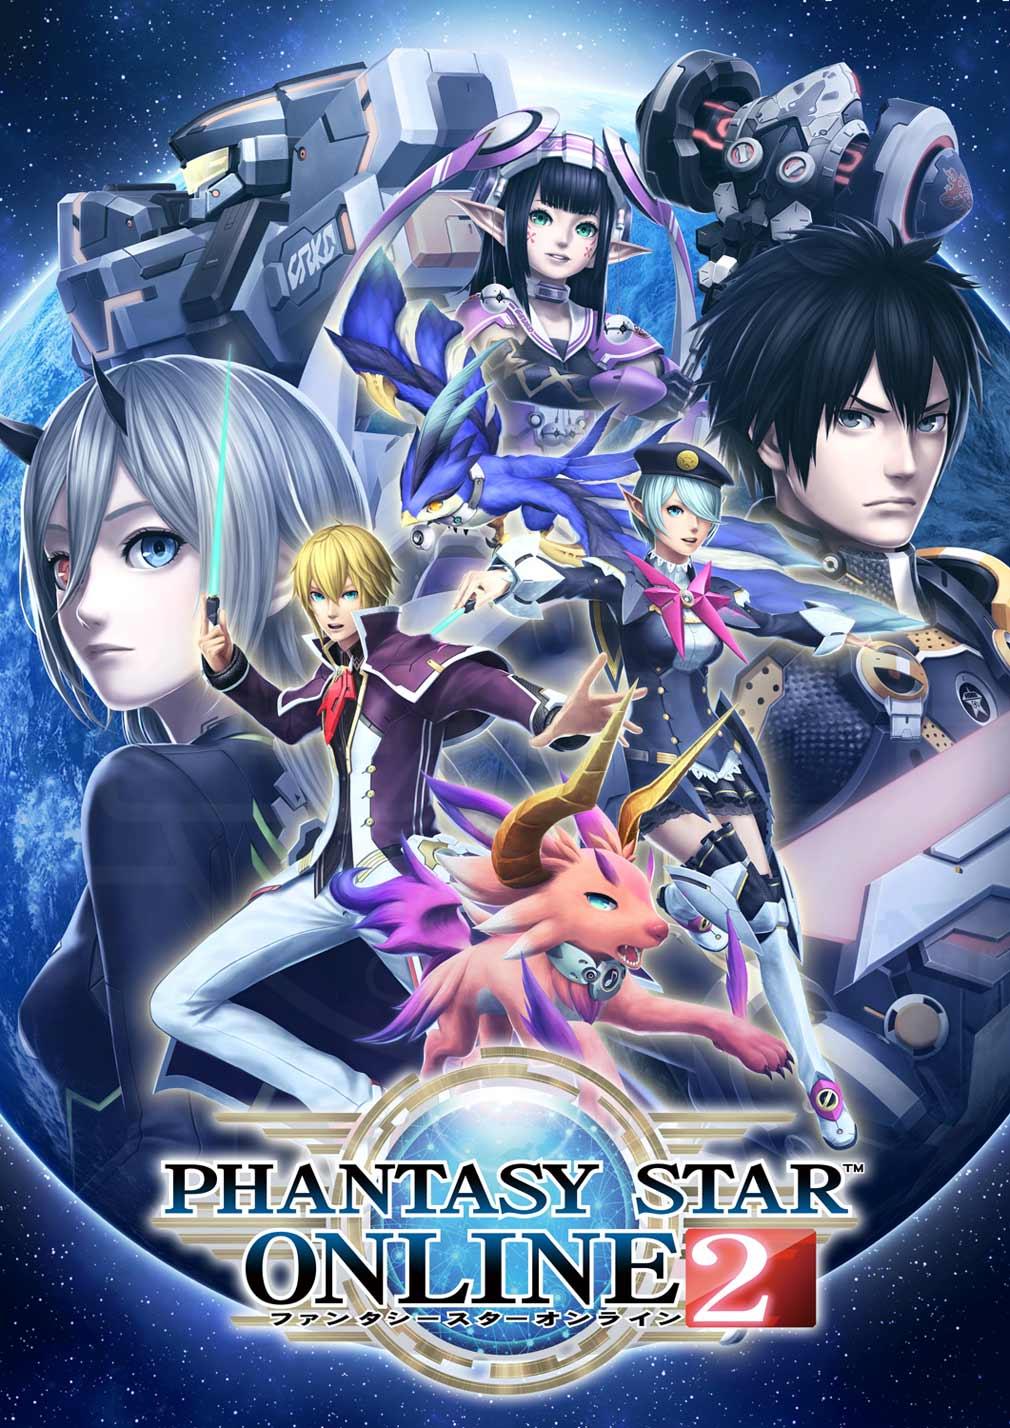 ファンタシースターオンライン2 PHANTASY STAR ONLINE2 (PSO2) keyビジュアルイメージ